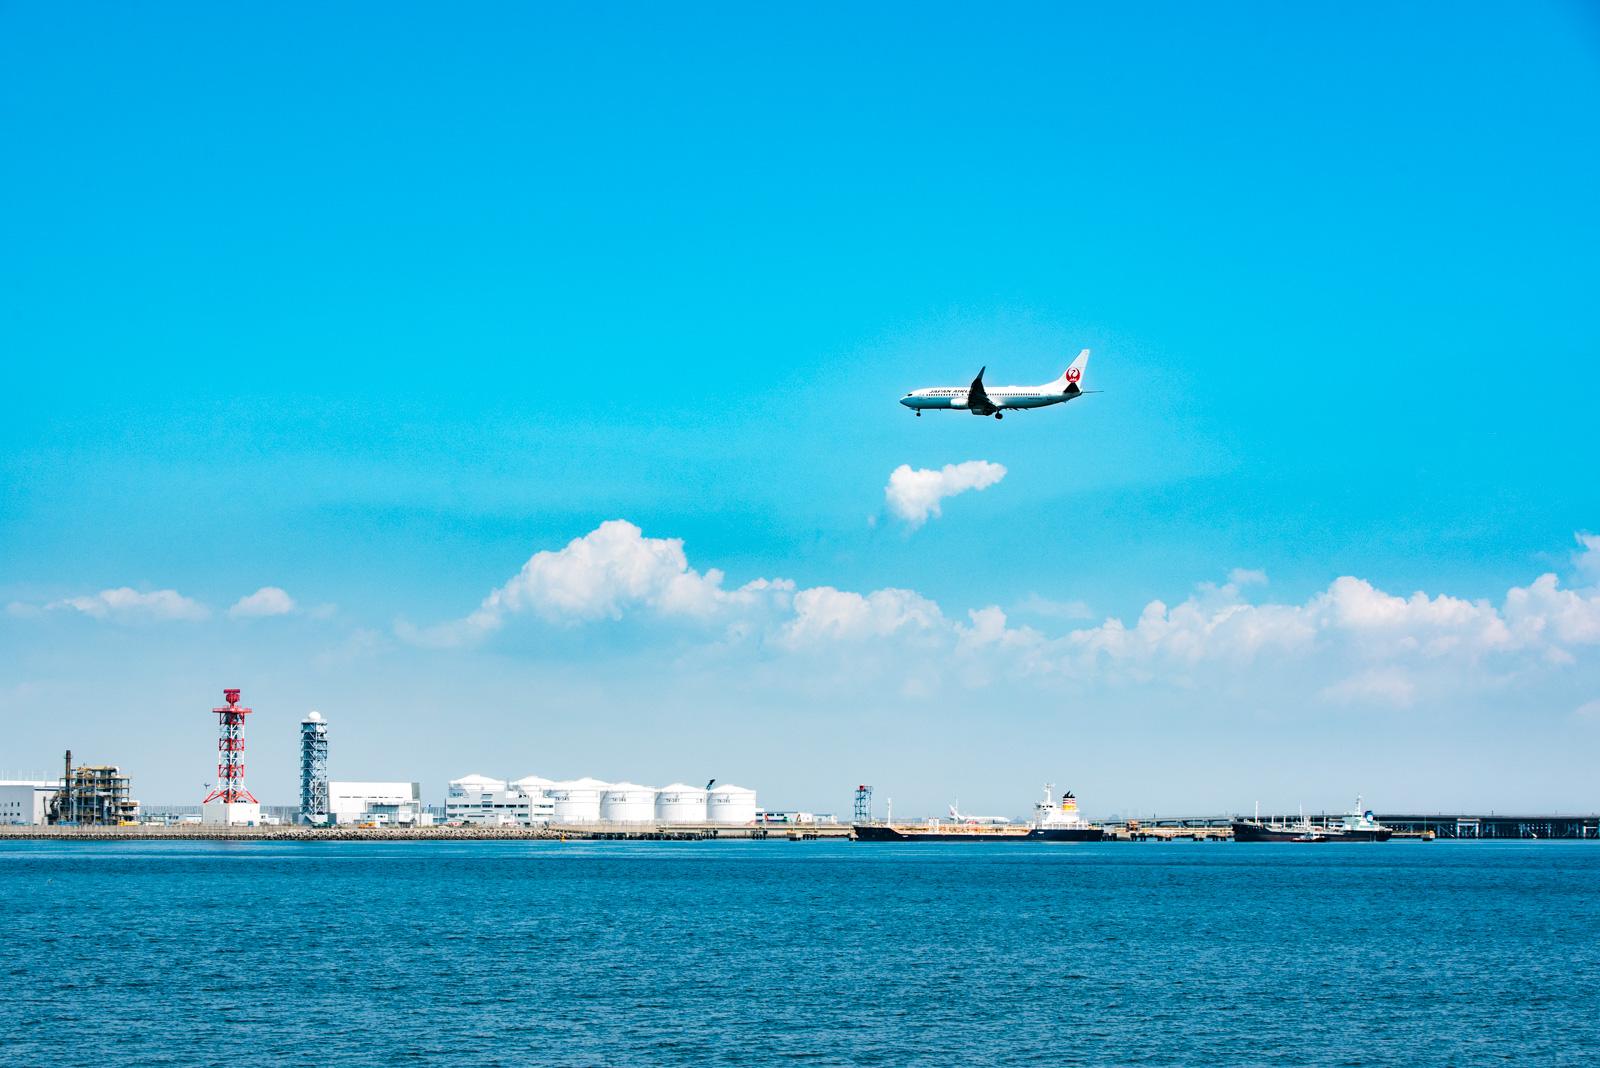 川崎、浮島町公園から着陸する飛行機を撮影してみる